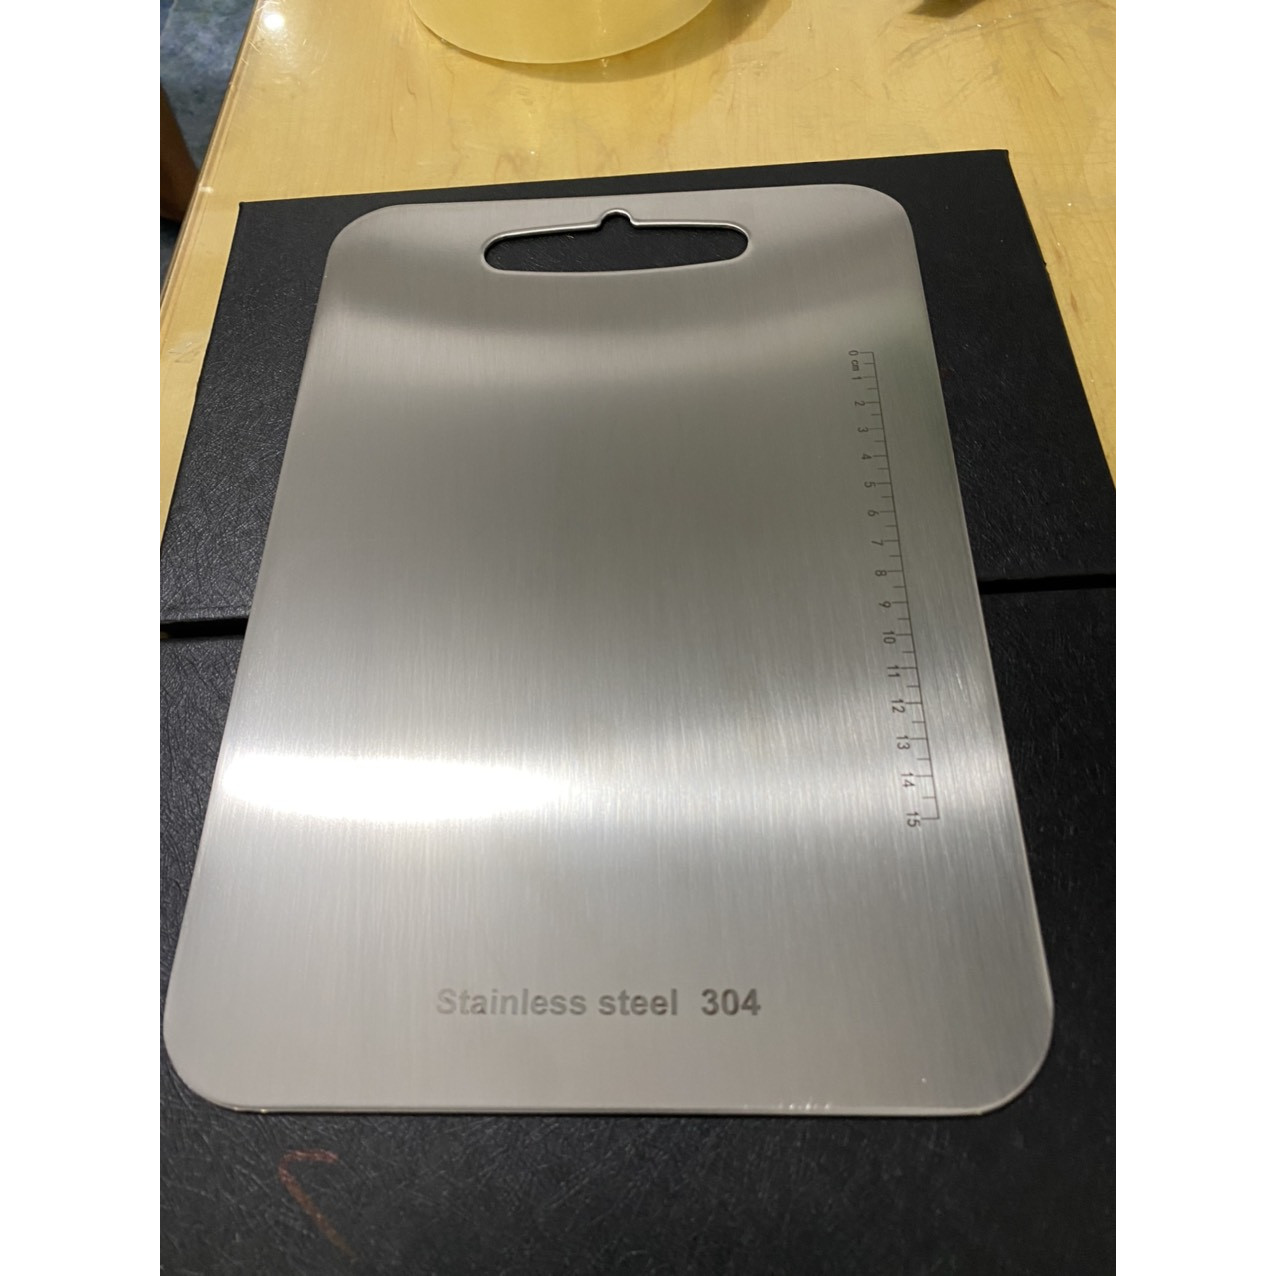 Thớt Inox 304 hình chữ nhật 39cm x 28cm